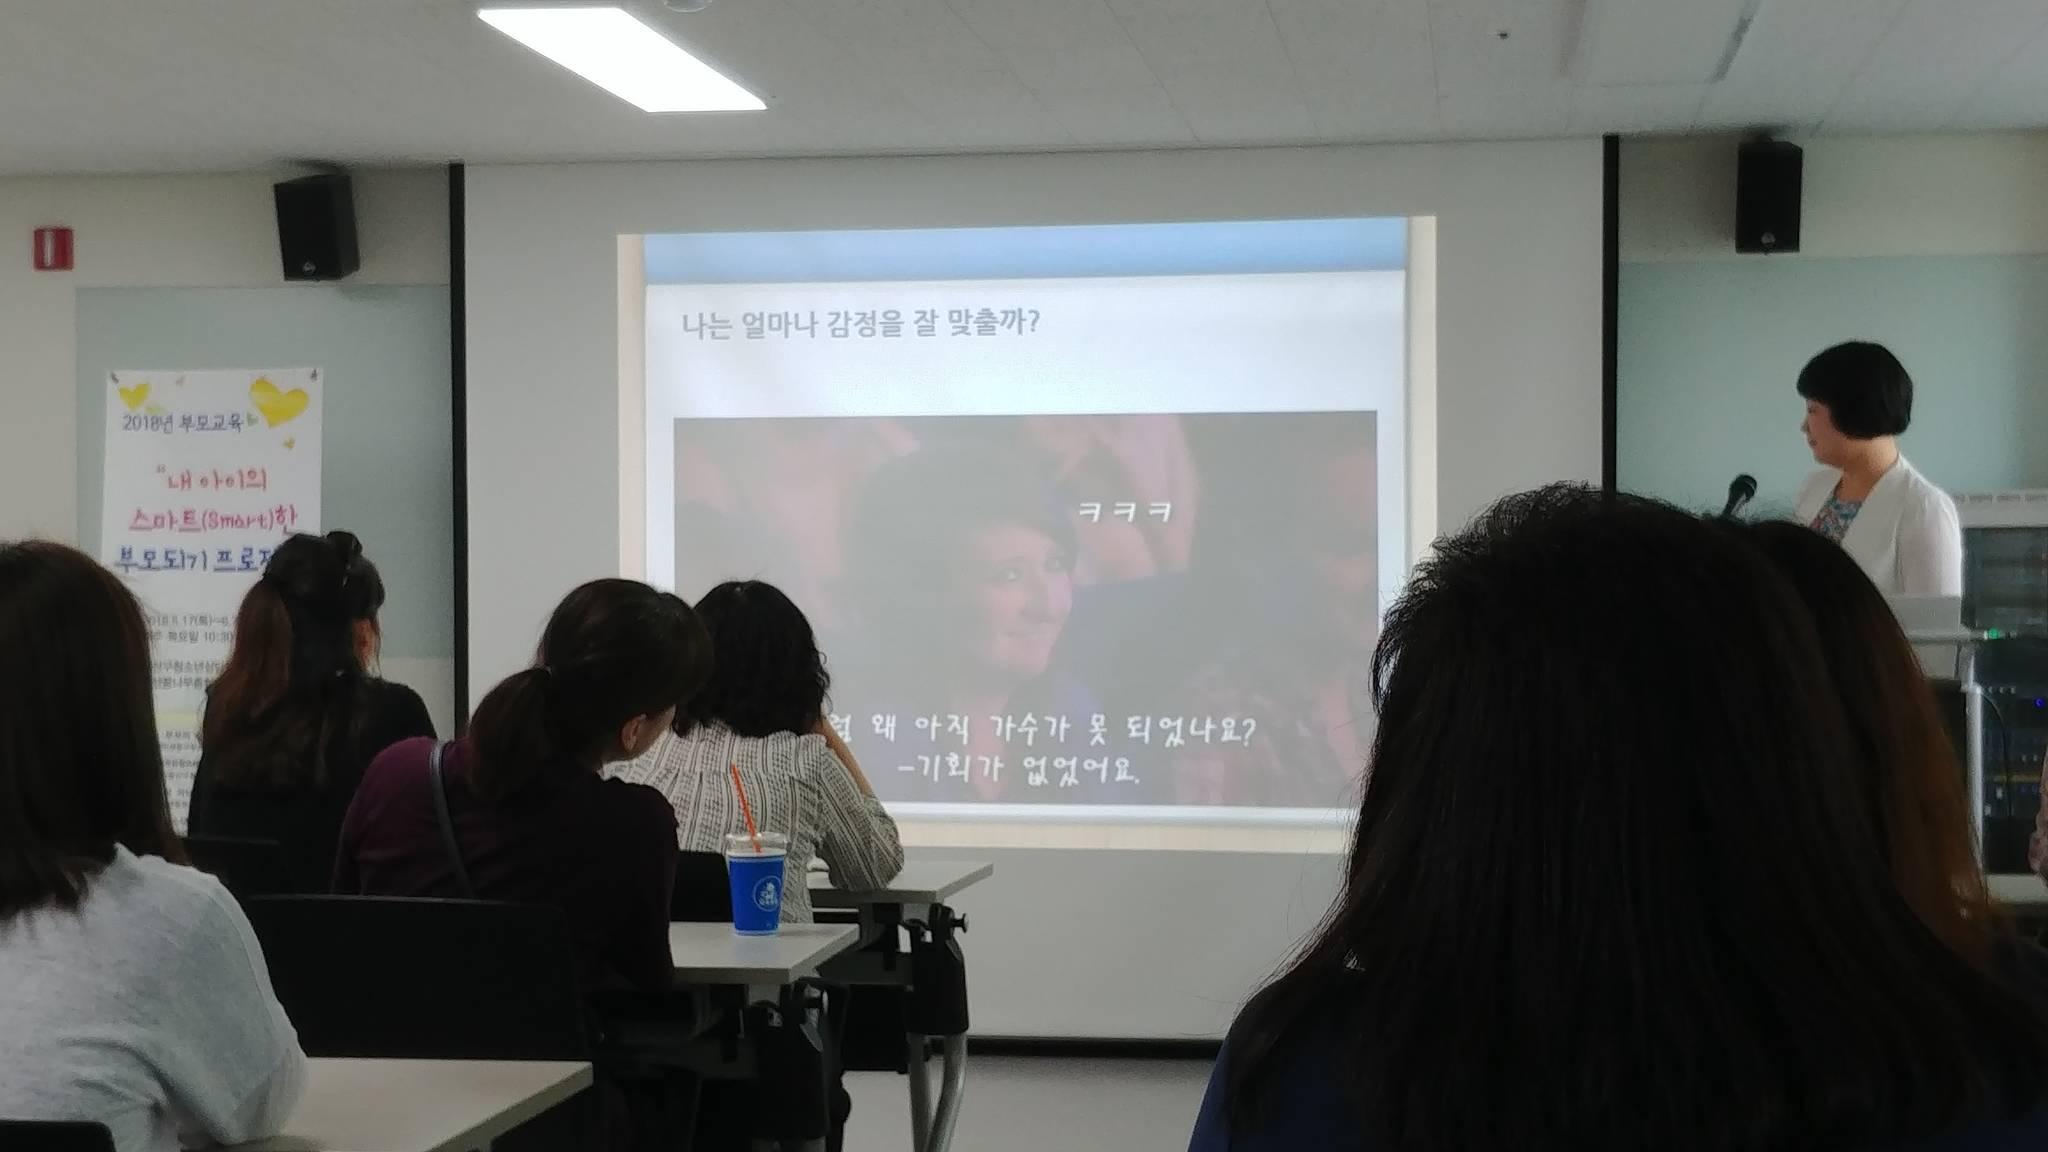 지난달 31일 진행된 부모교육에서 '아이의 감정을 알아보는 법'에 대해서 강의하고 있다. 정종훈 기자